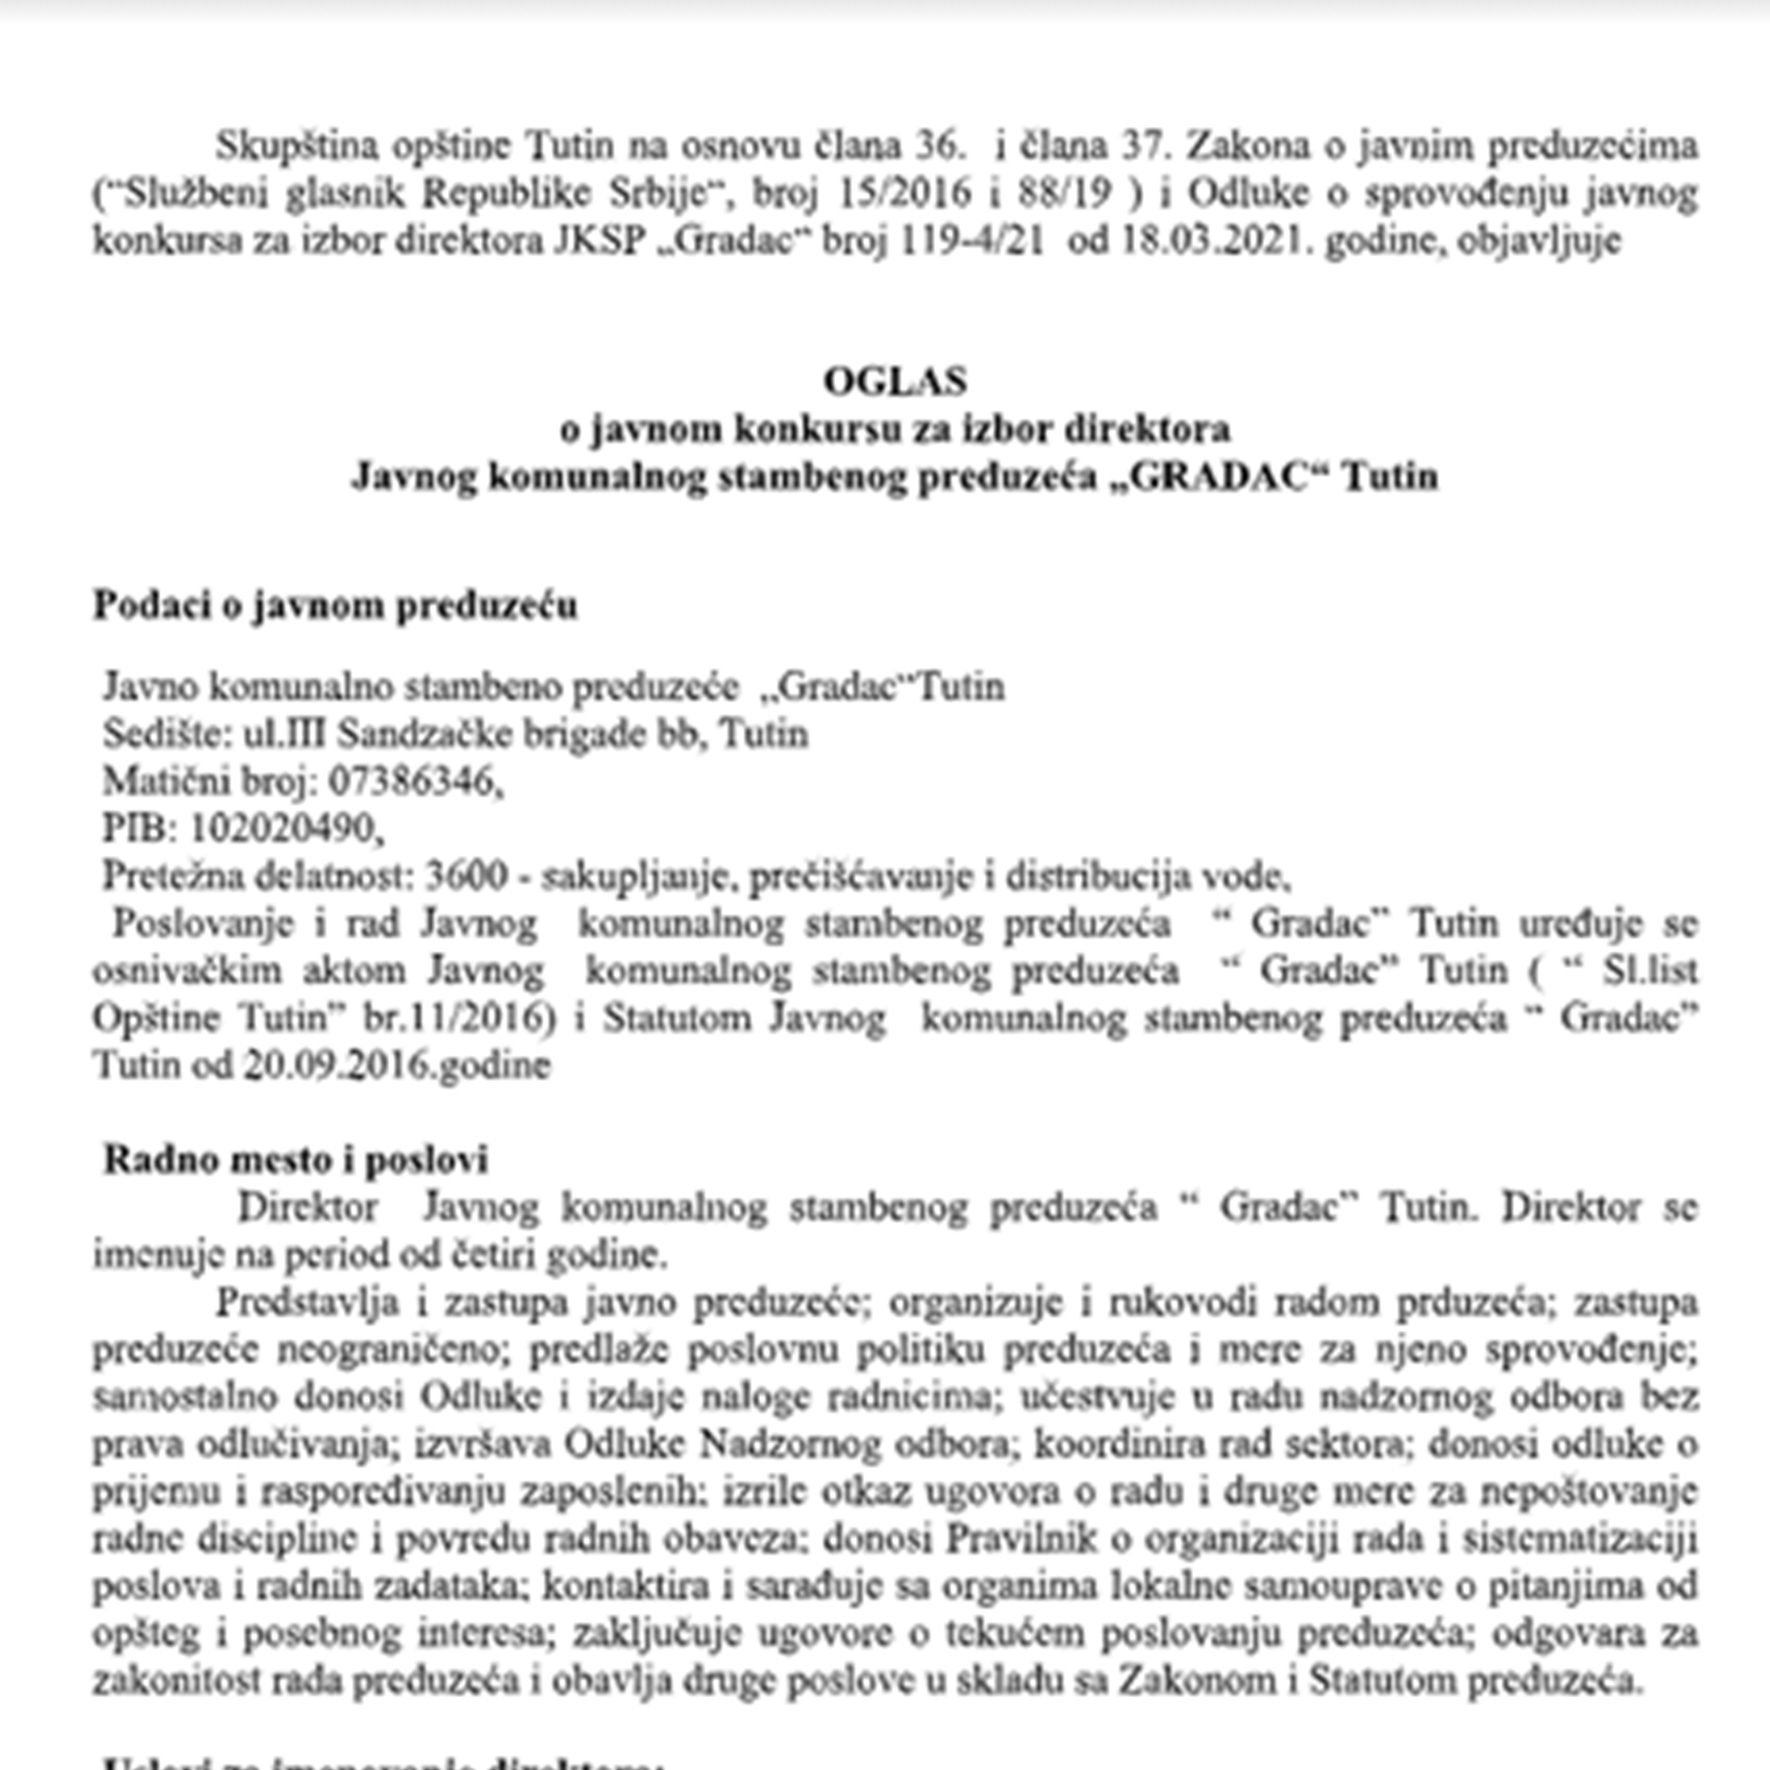 """OGLAS  o javnom konkursu za izbor direktora  Javnog komunalnog stambenog preduzeća """"GRADAC"""" Tutin"""